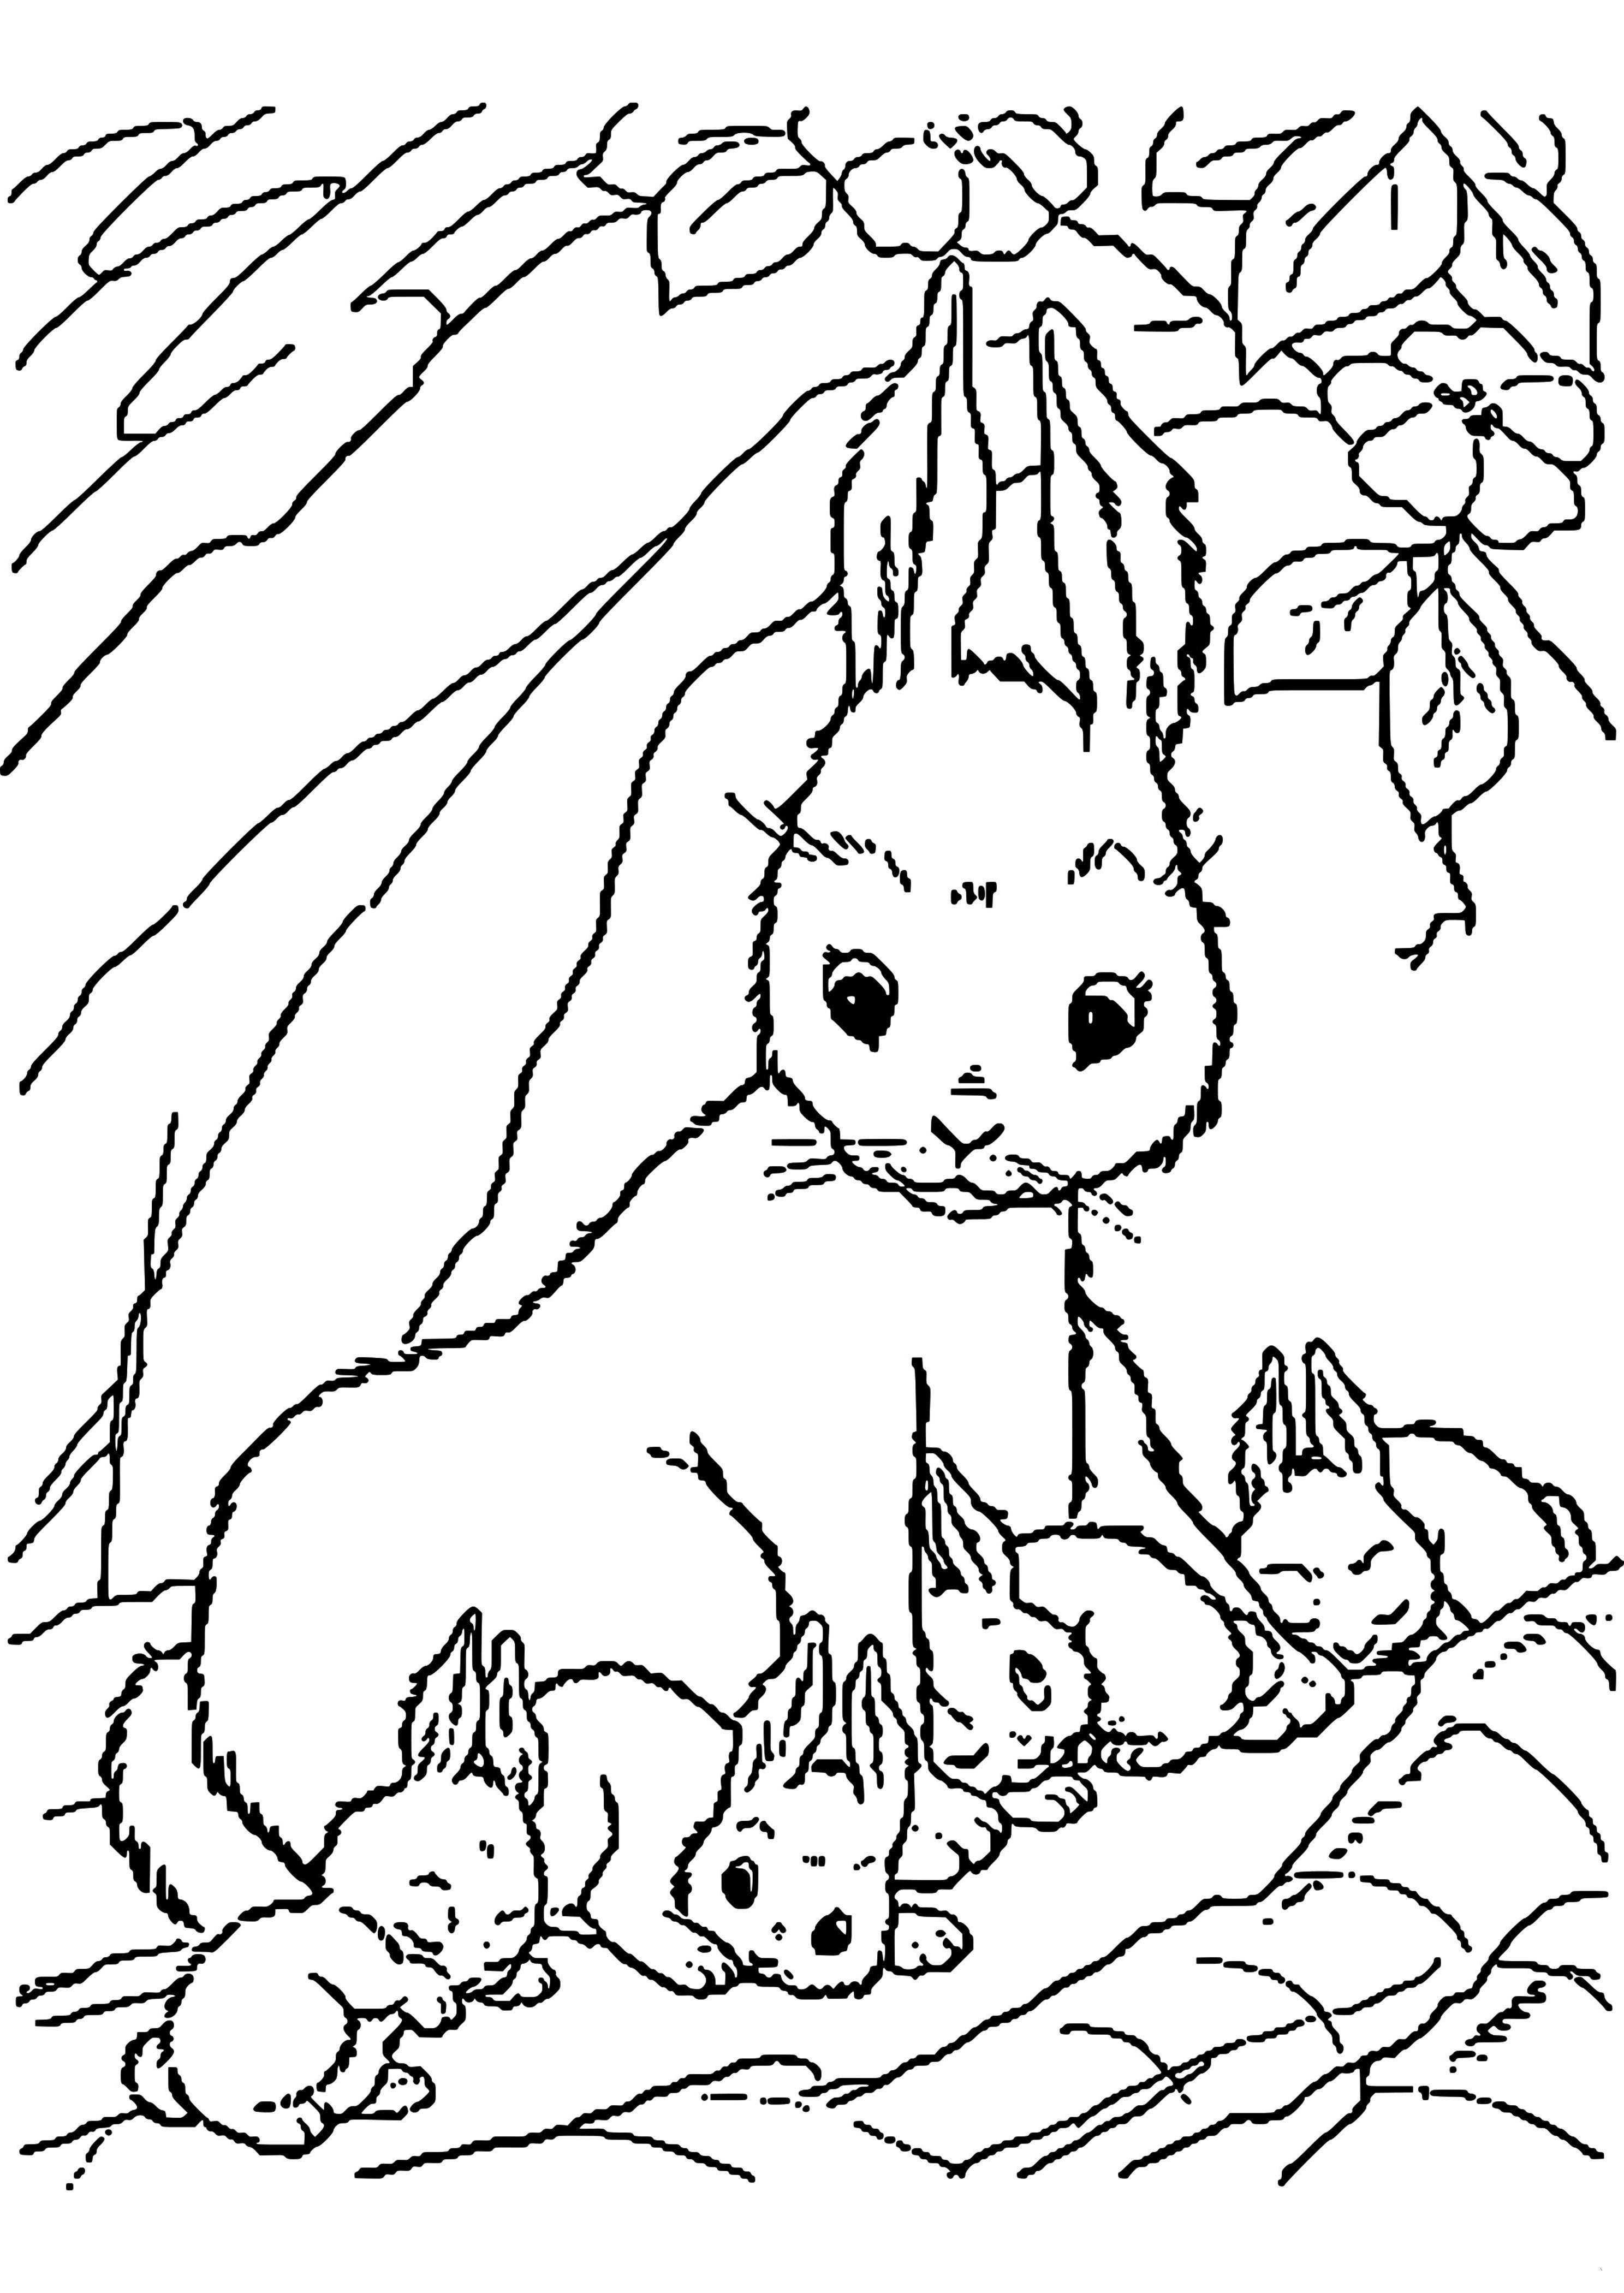 Ausmalbilder Ostern Hase Einzigartig 34 Frisch Malvorlage Hase – Malvorlagen Ideen Fotos